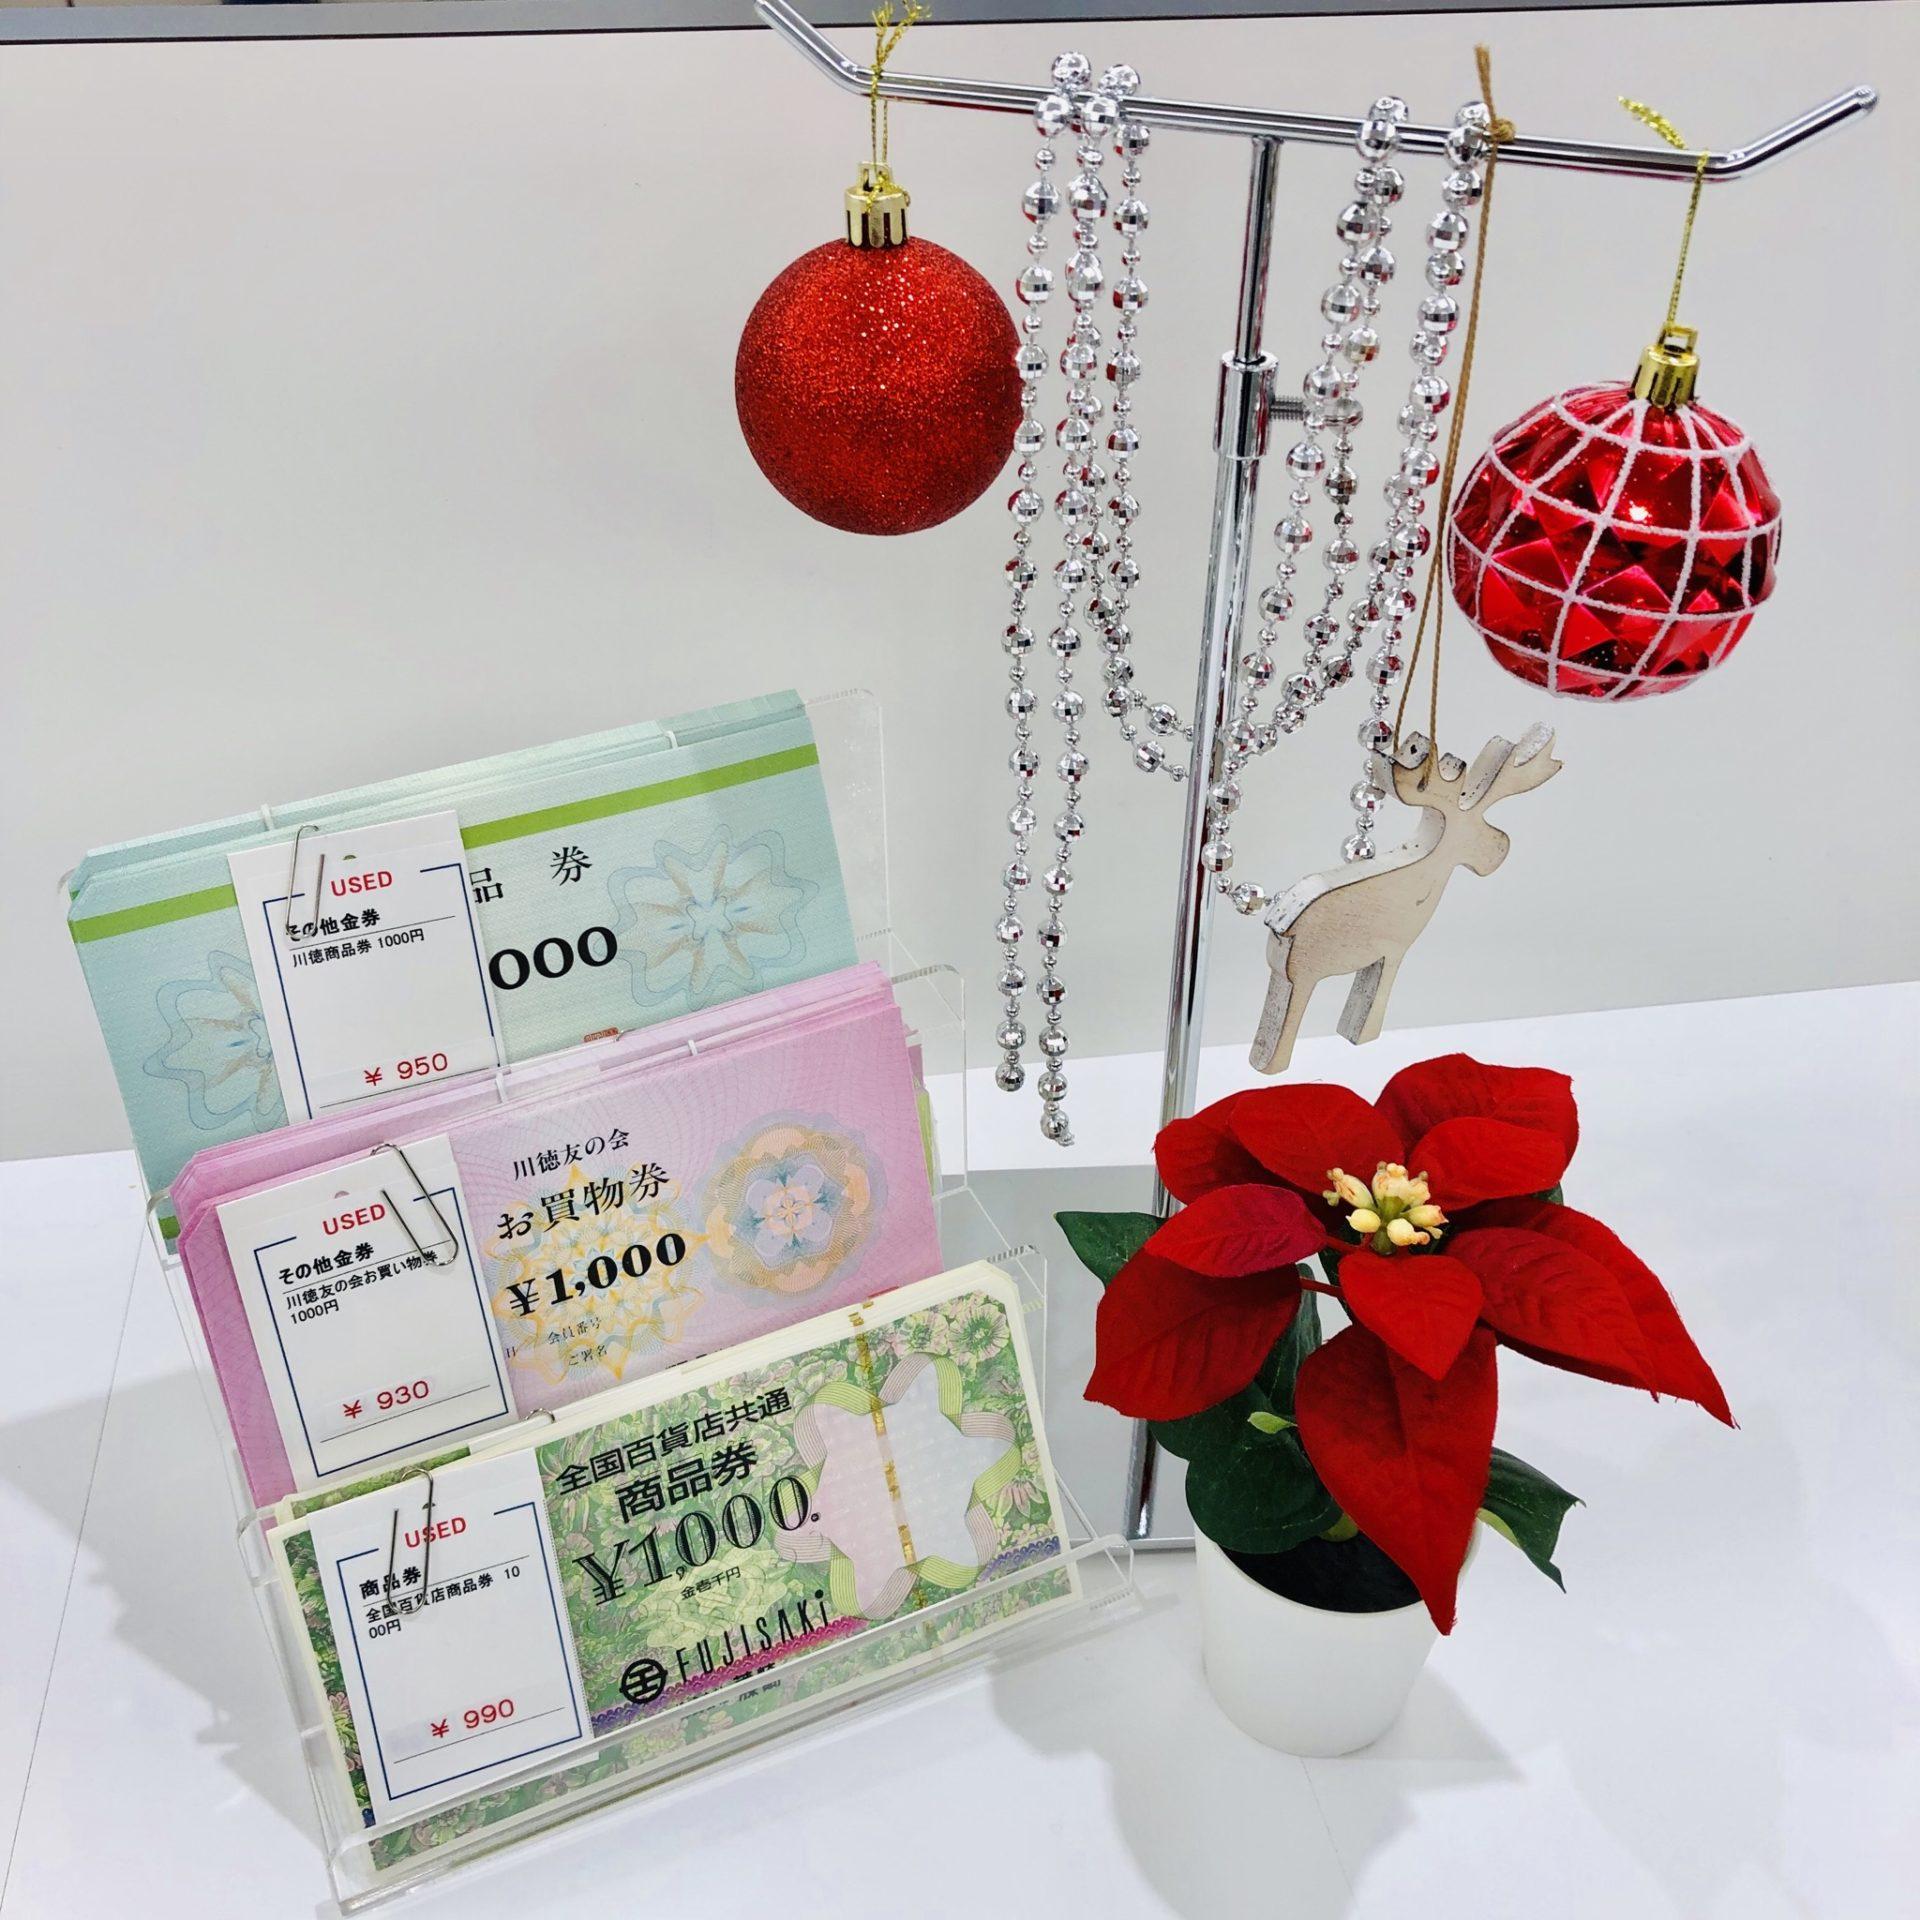 【盛岡 金券 販売】全国百貨店共通商品券・川徳商品券 販売中!!